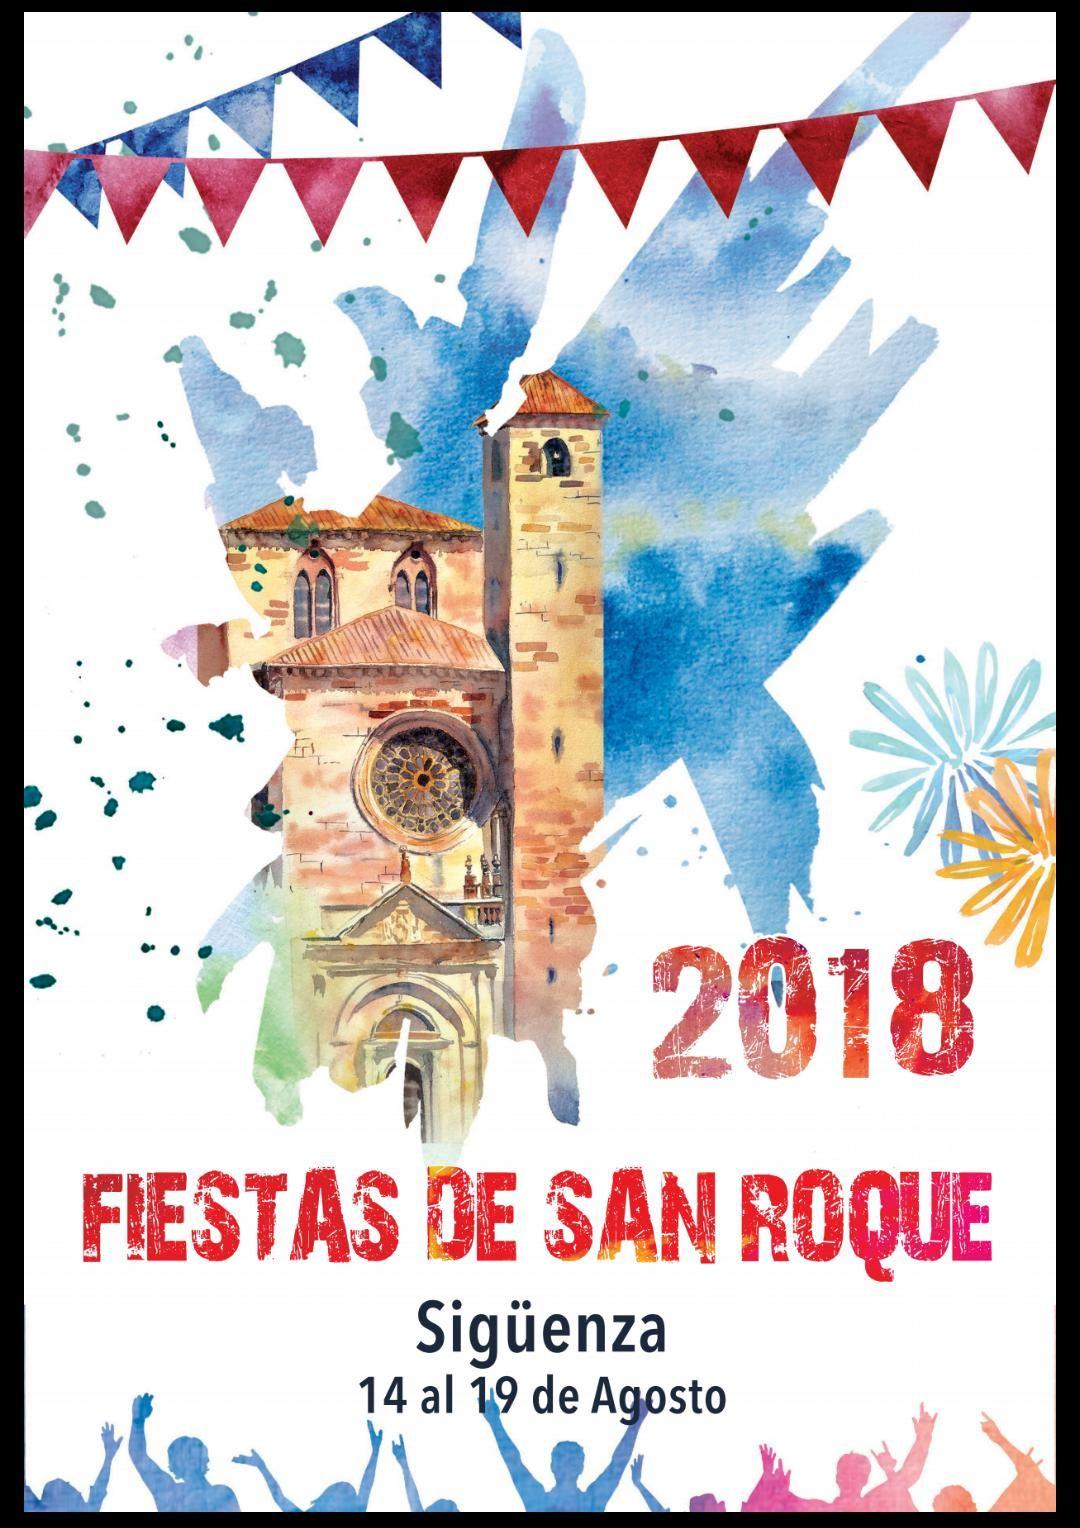 Anna Zelinskaya, ganadora del concurso de carteles de San Roque 2018